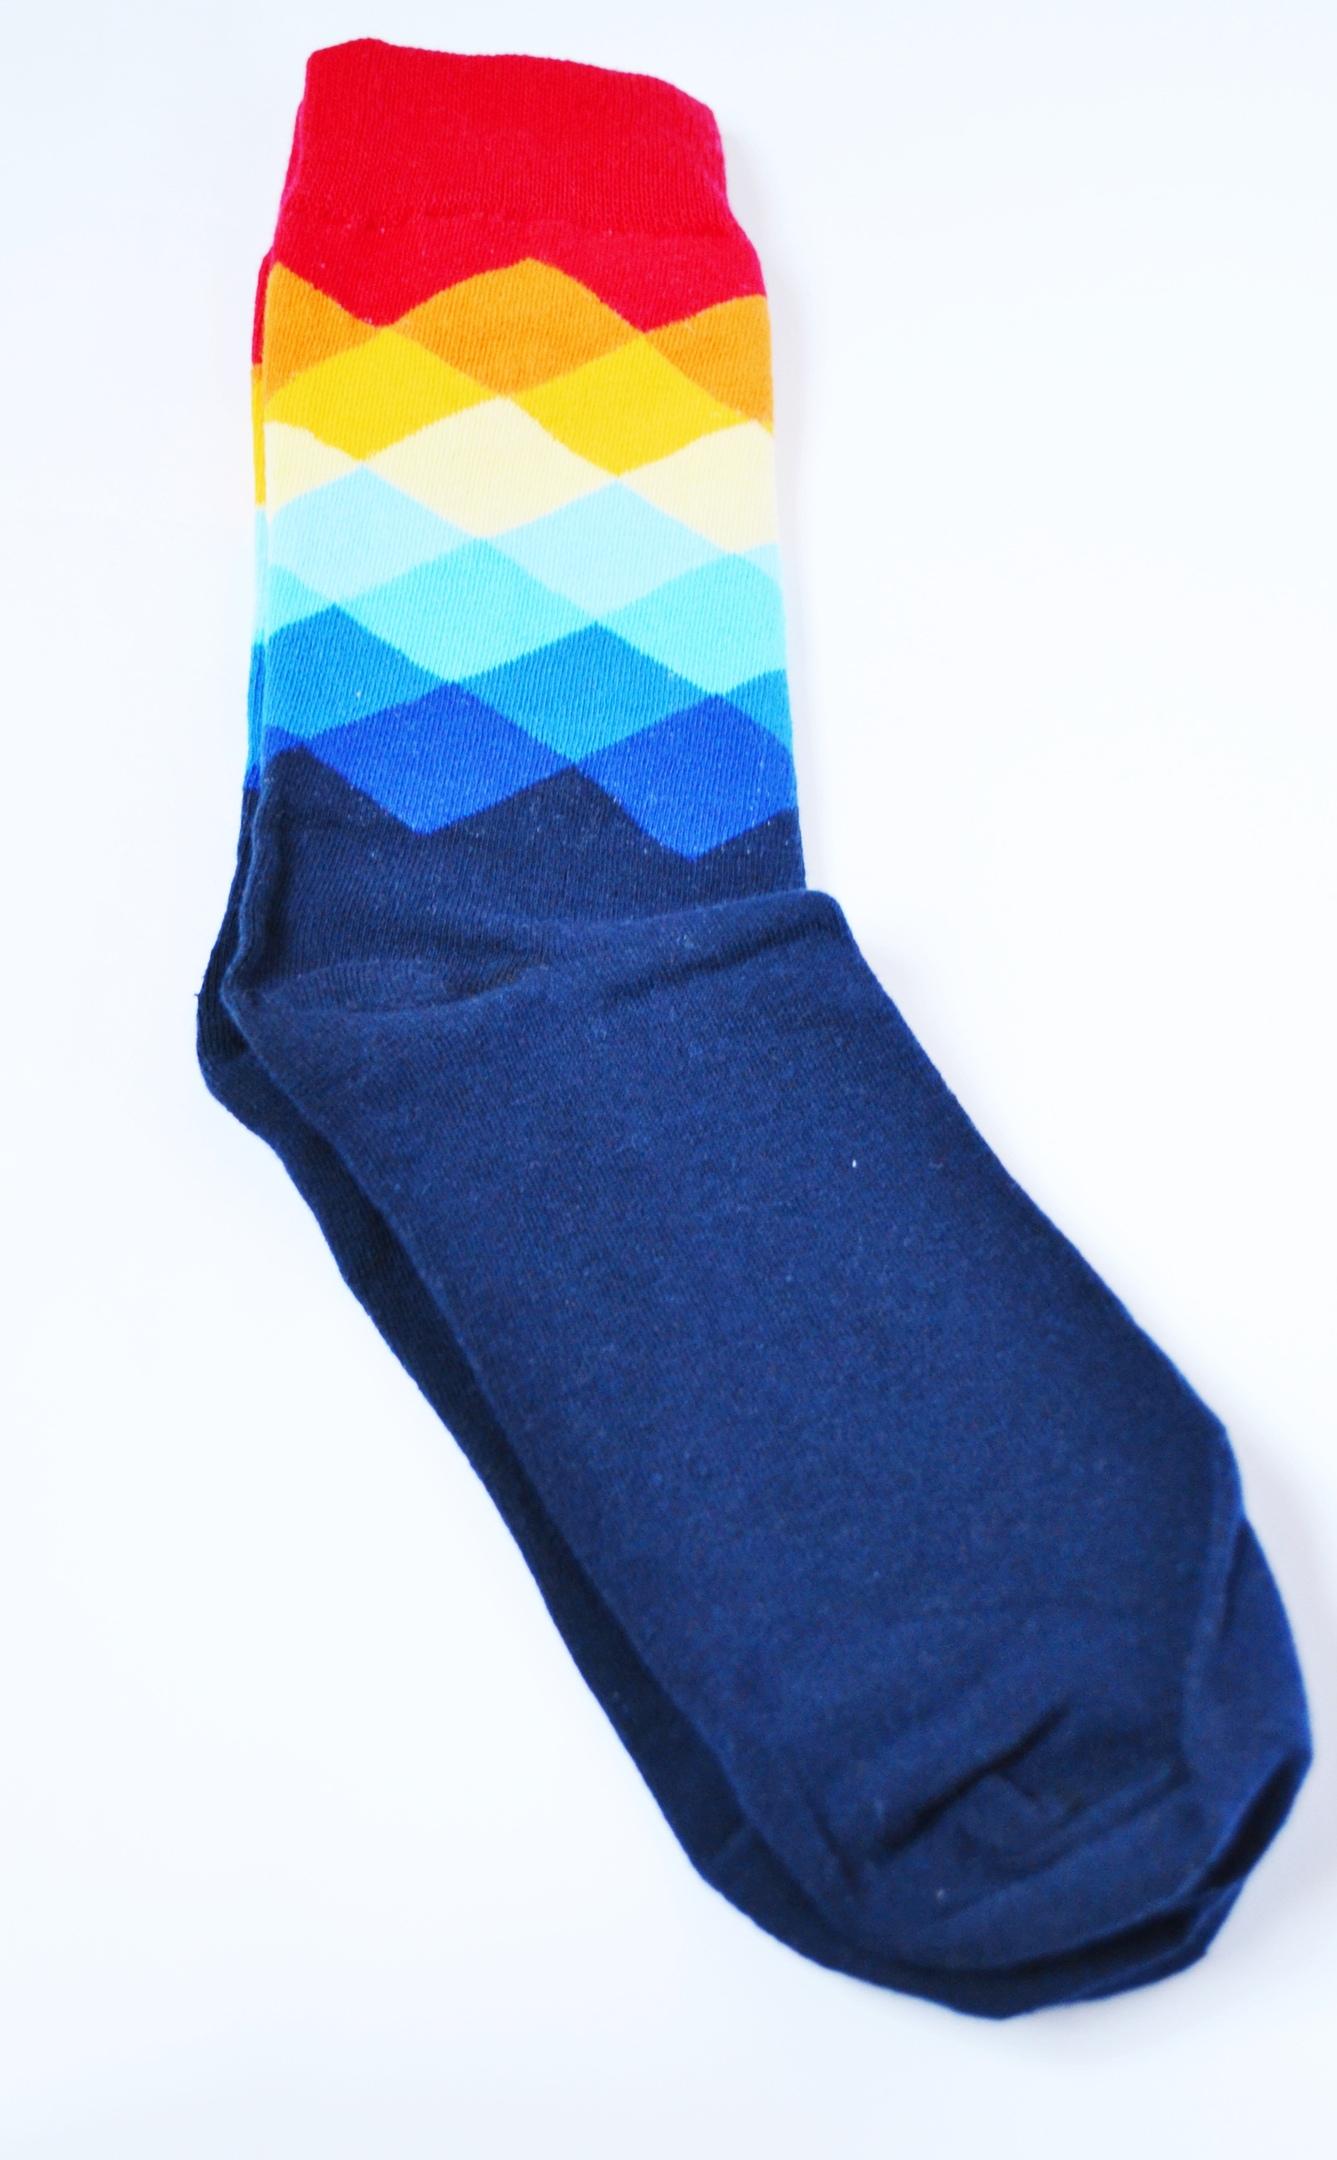 2 Быстро_пост про носки от XQ7700 Storе